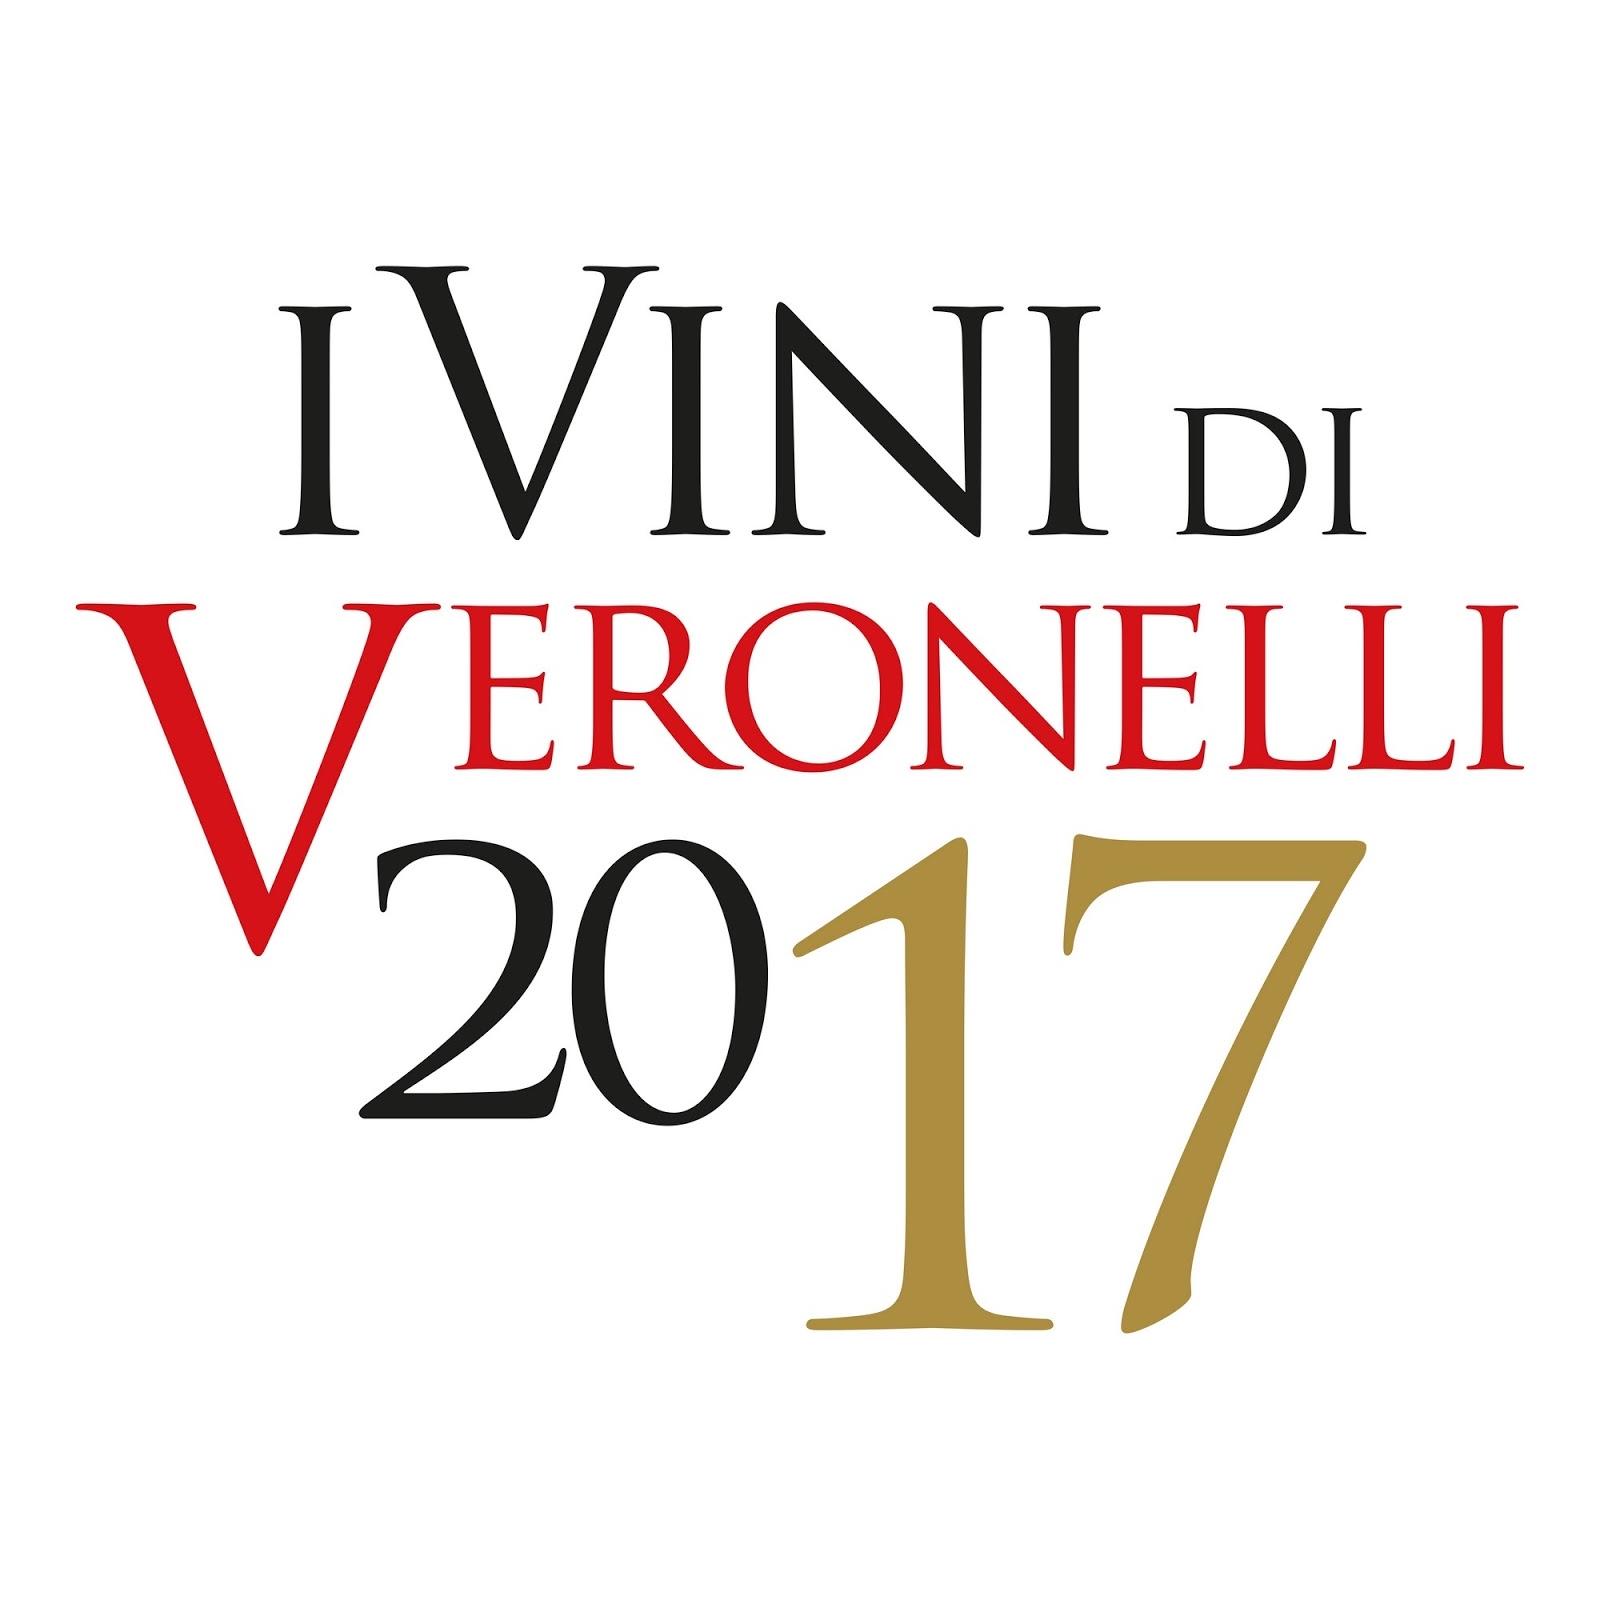 veronelli-2017-c